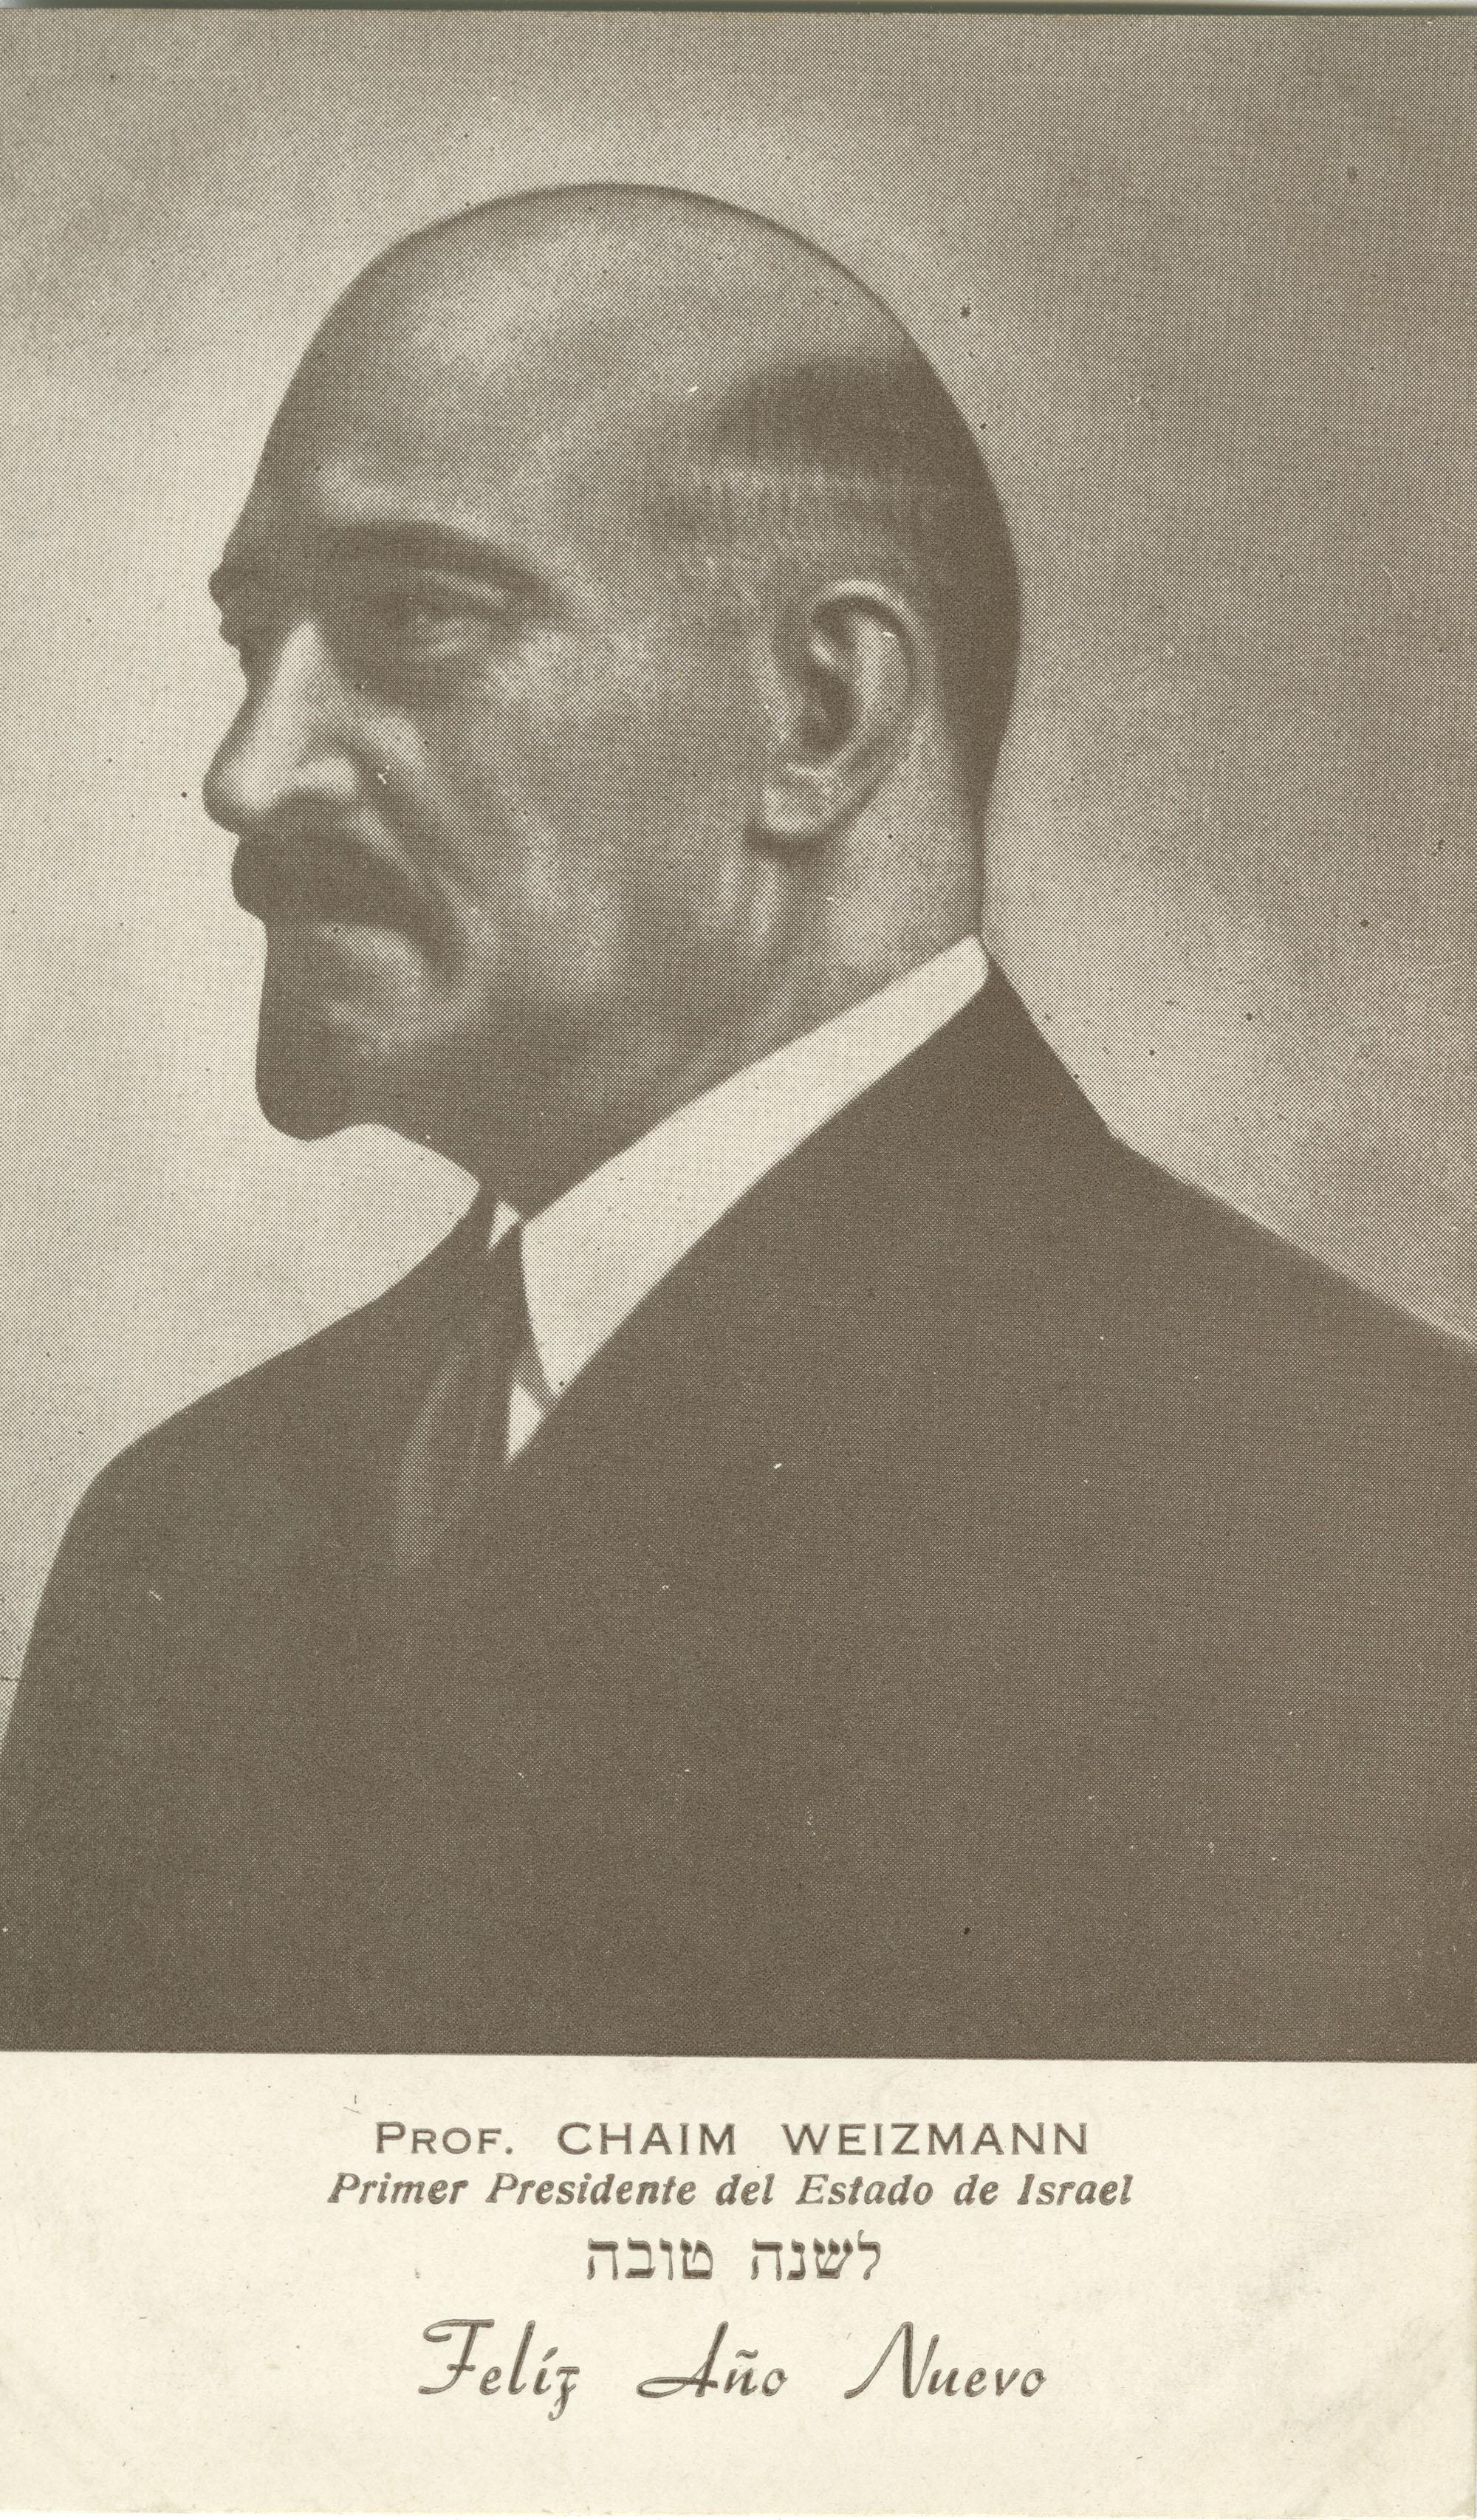 Prof. Chaim Weizmann, Primer Presidente del Estado de Israel